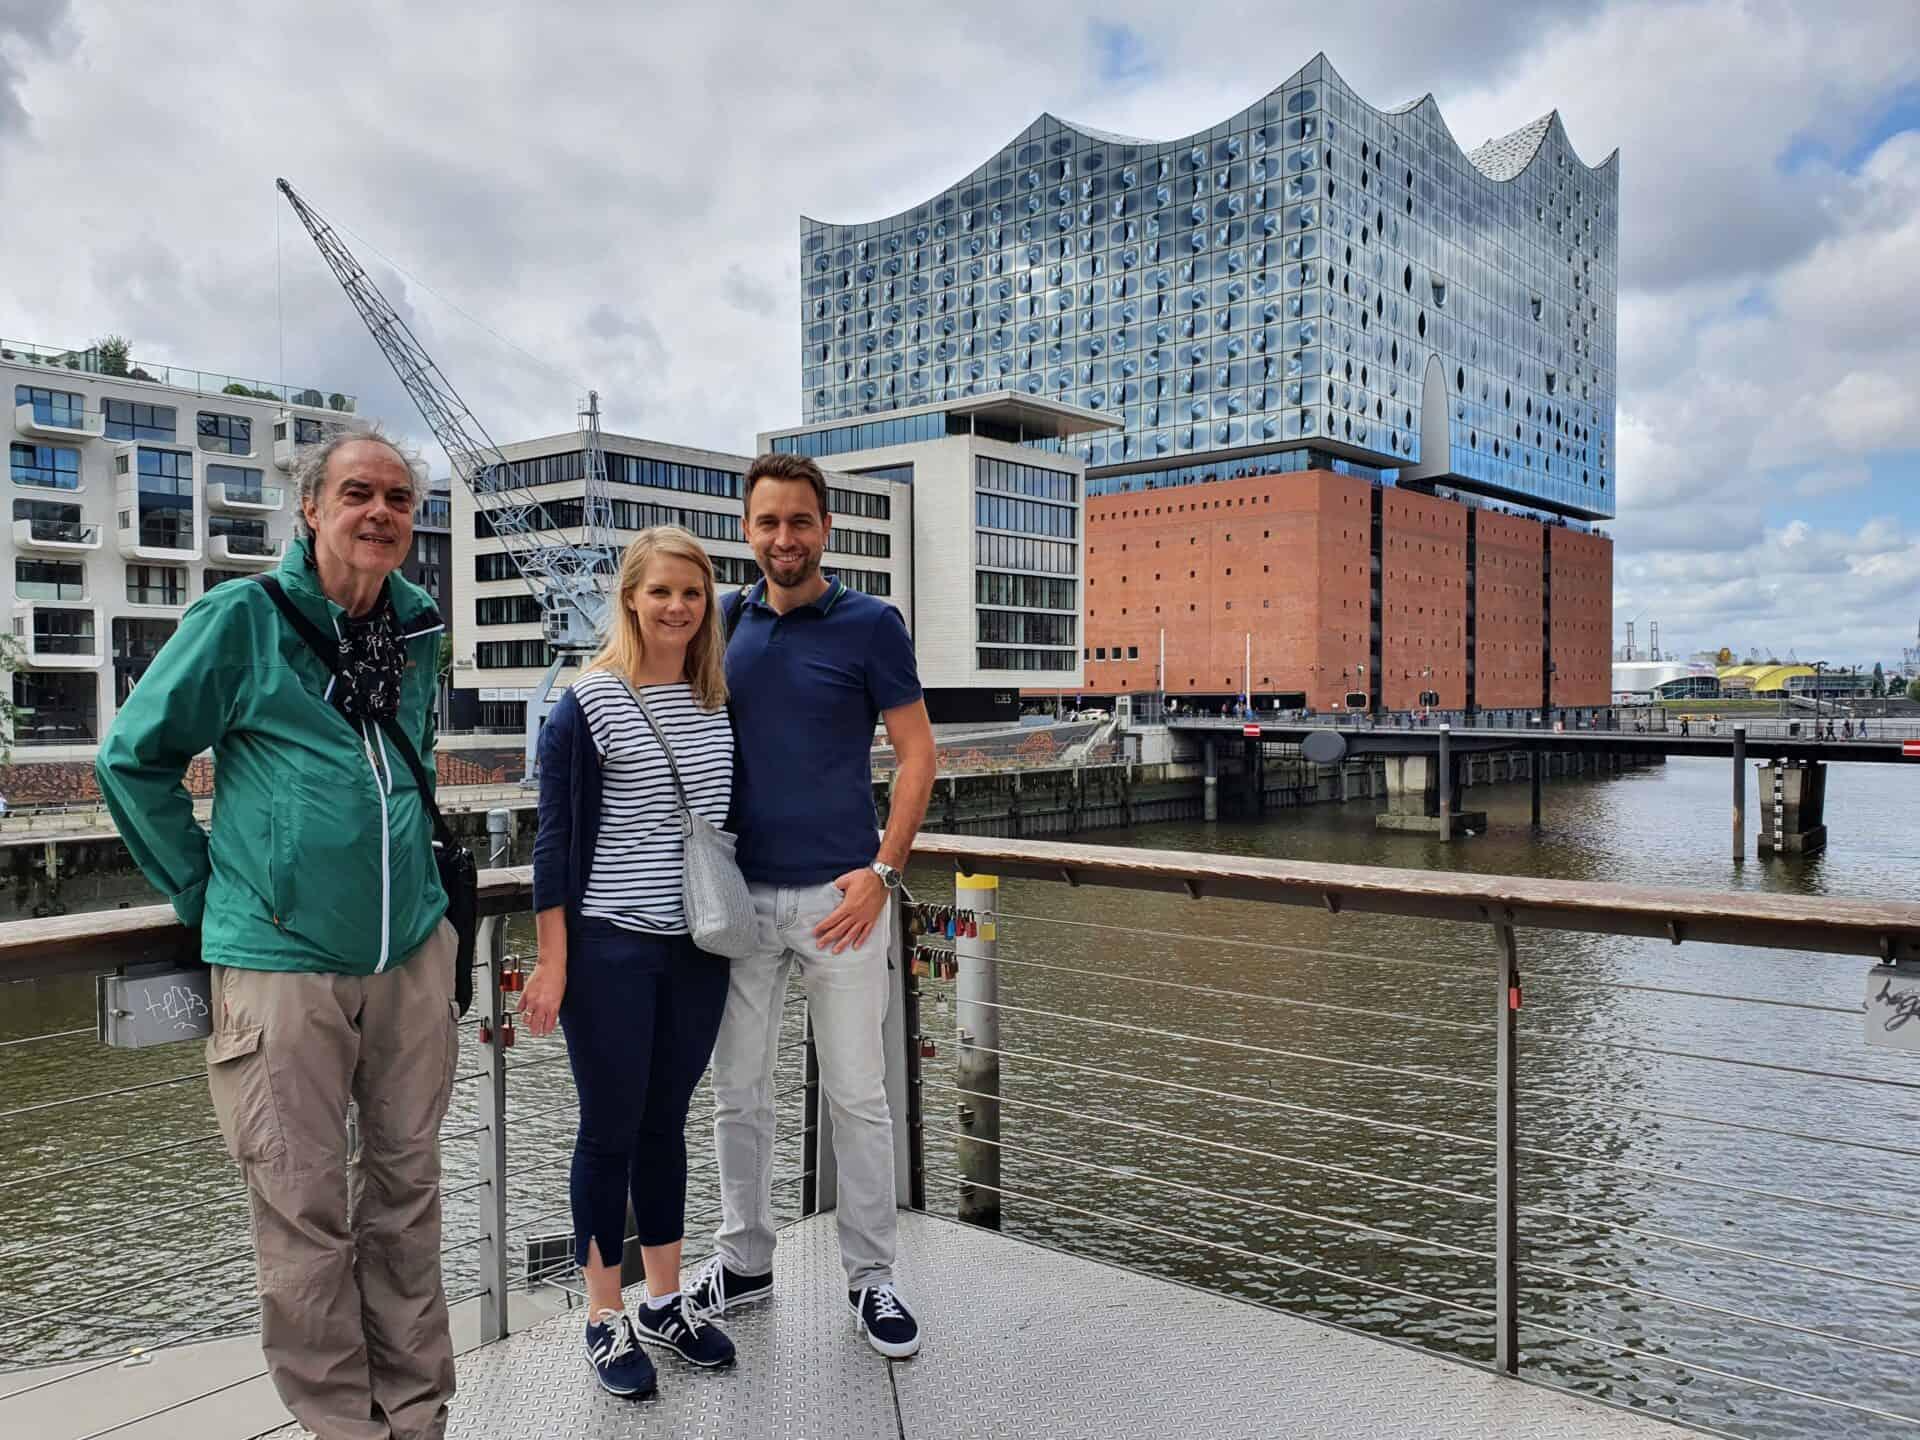 Greet zur Elbphilharmonie - Foto: Hamburg-Greeter